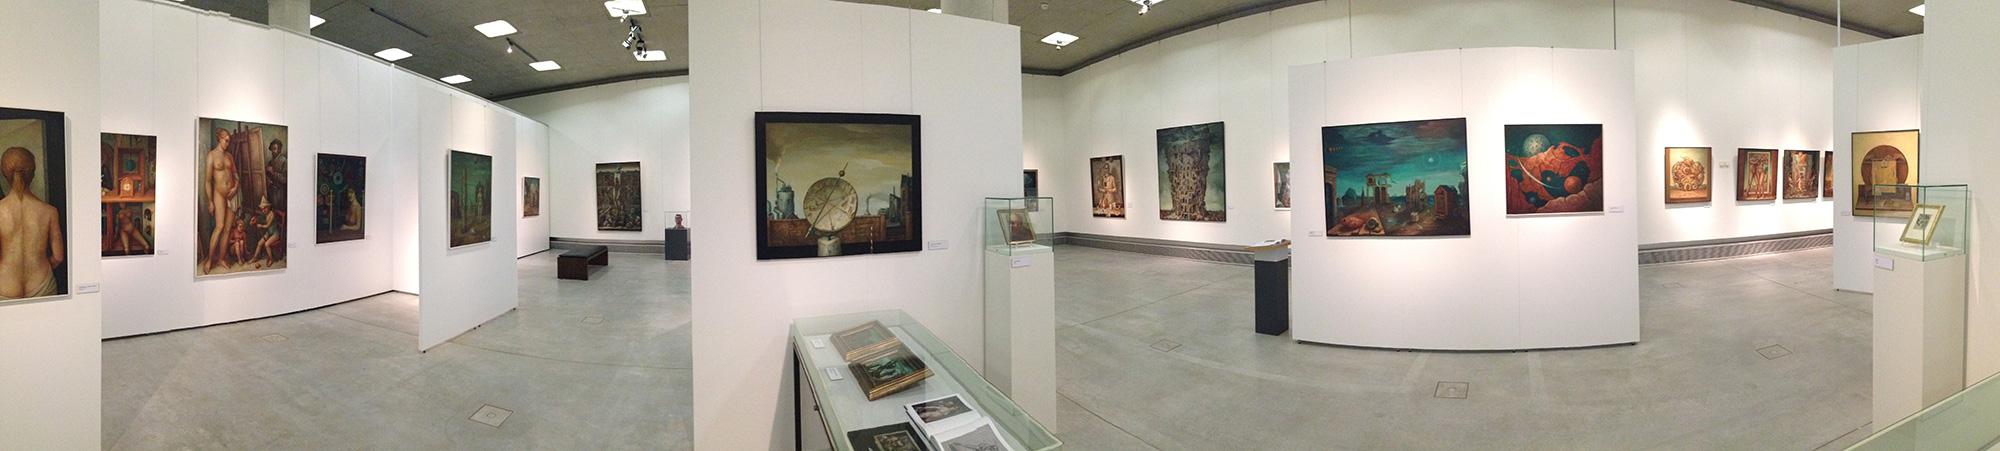 Salles d'exposition Mila-wall au grand angle du Musée d'archéologie de Herne